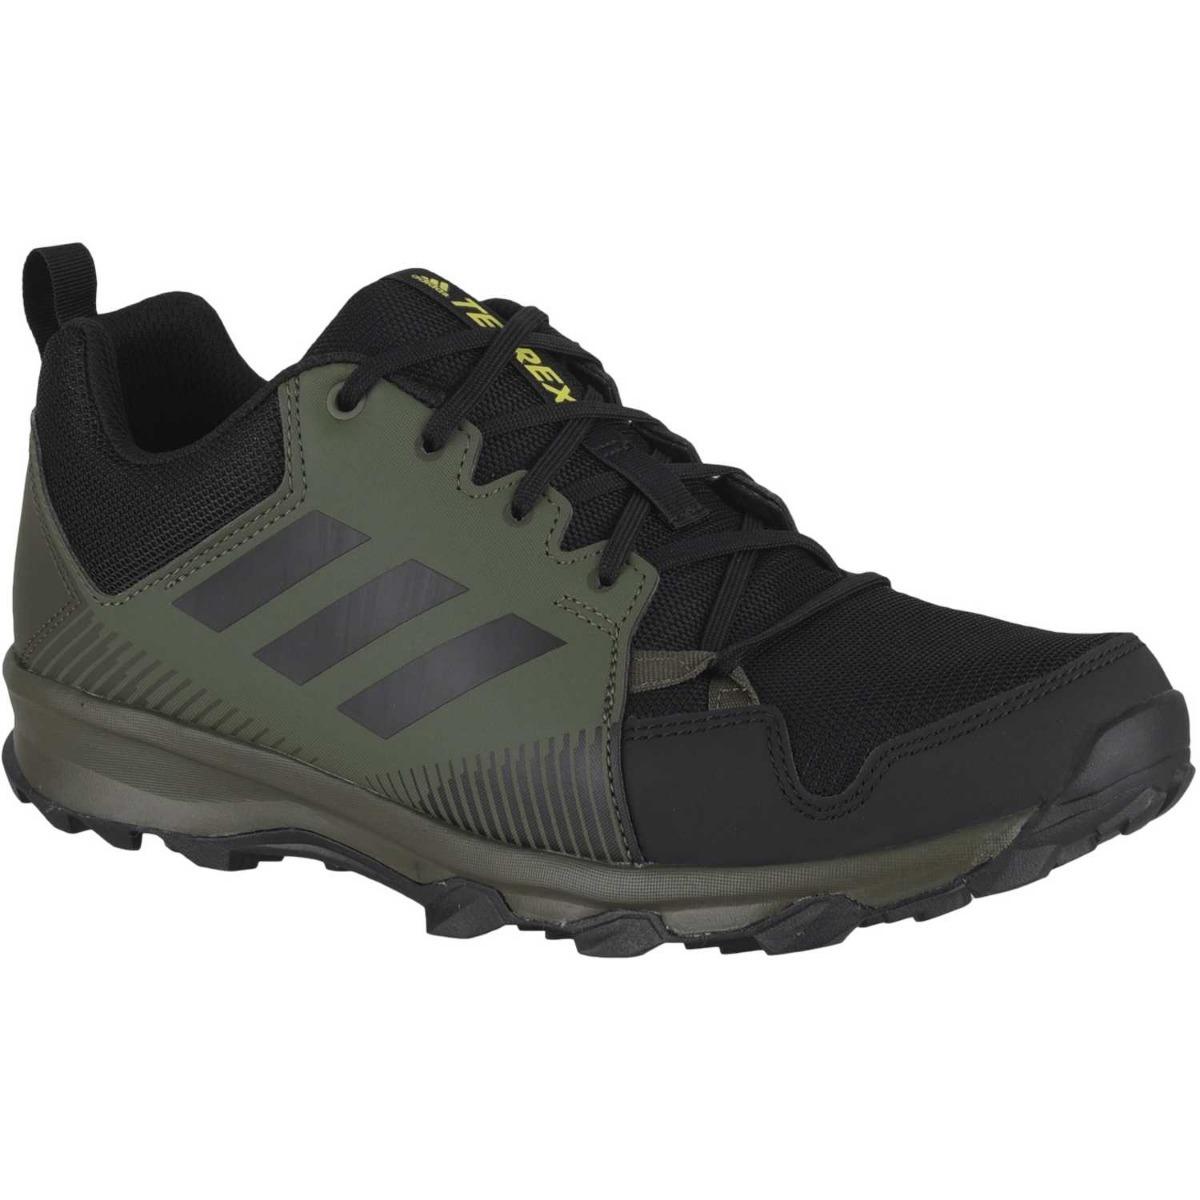 online retailer 58234 5d2bd zapatillas hombre adidas tr tracerocker original lisel store. Cargando zoom.